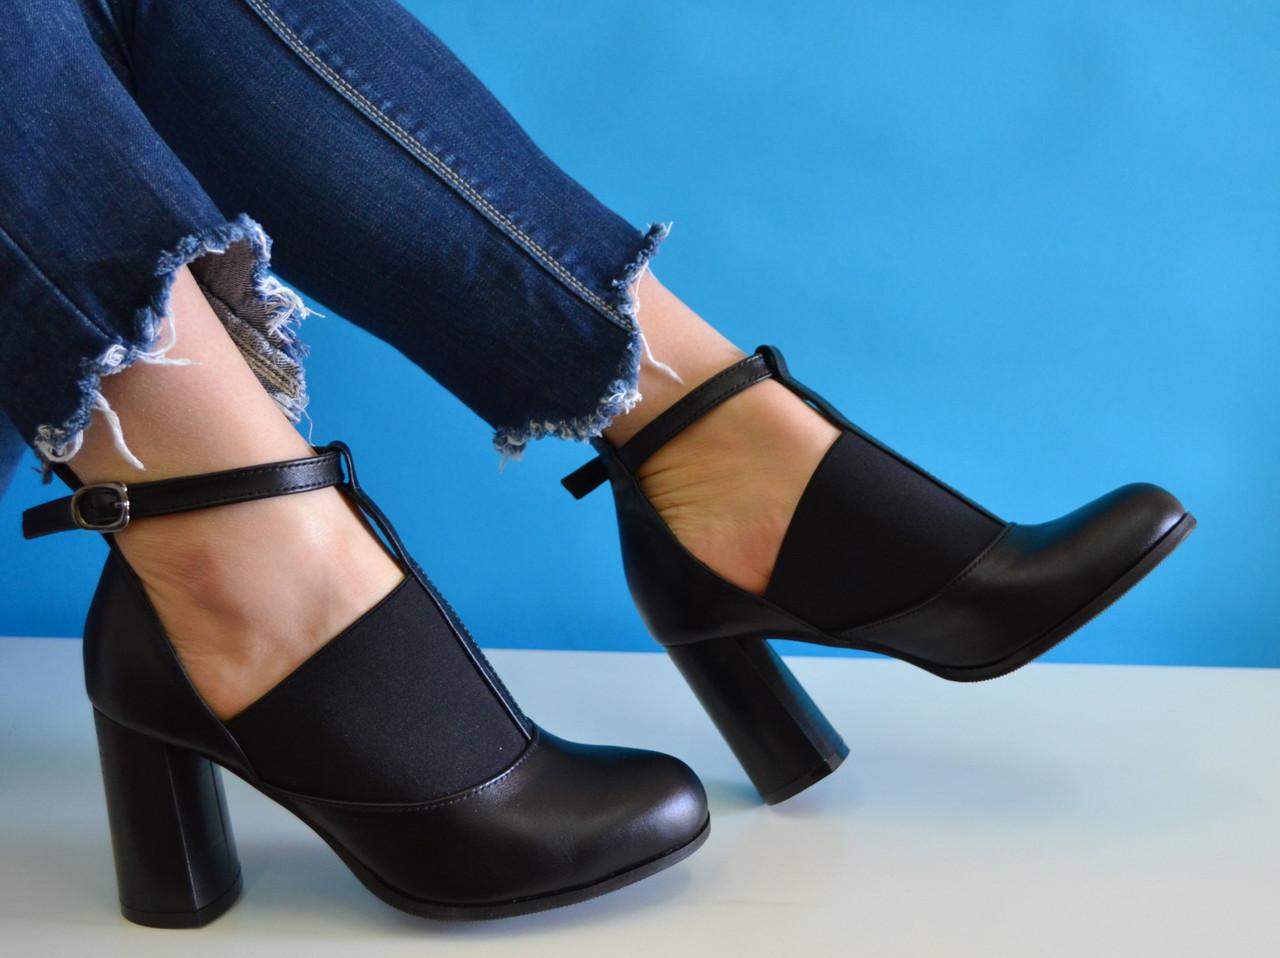 708750d5c Ilona Туфли женские Ilona - Интернет магазин обуви и одежды